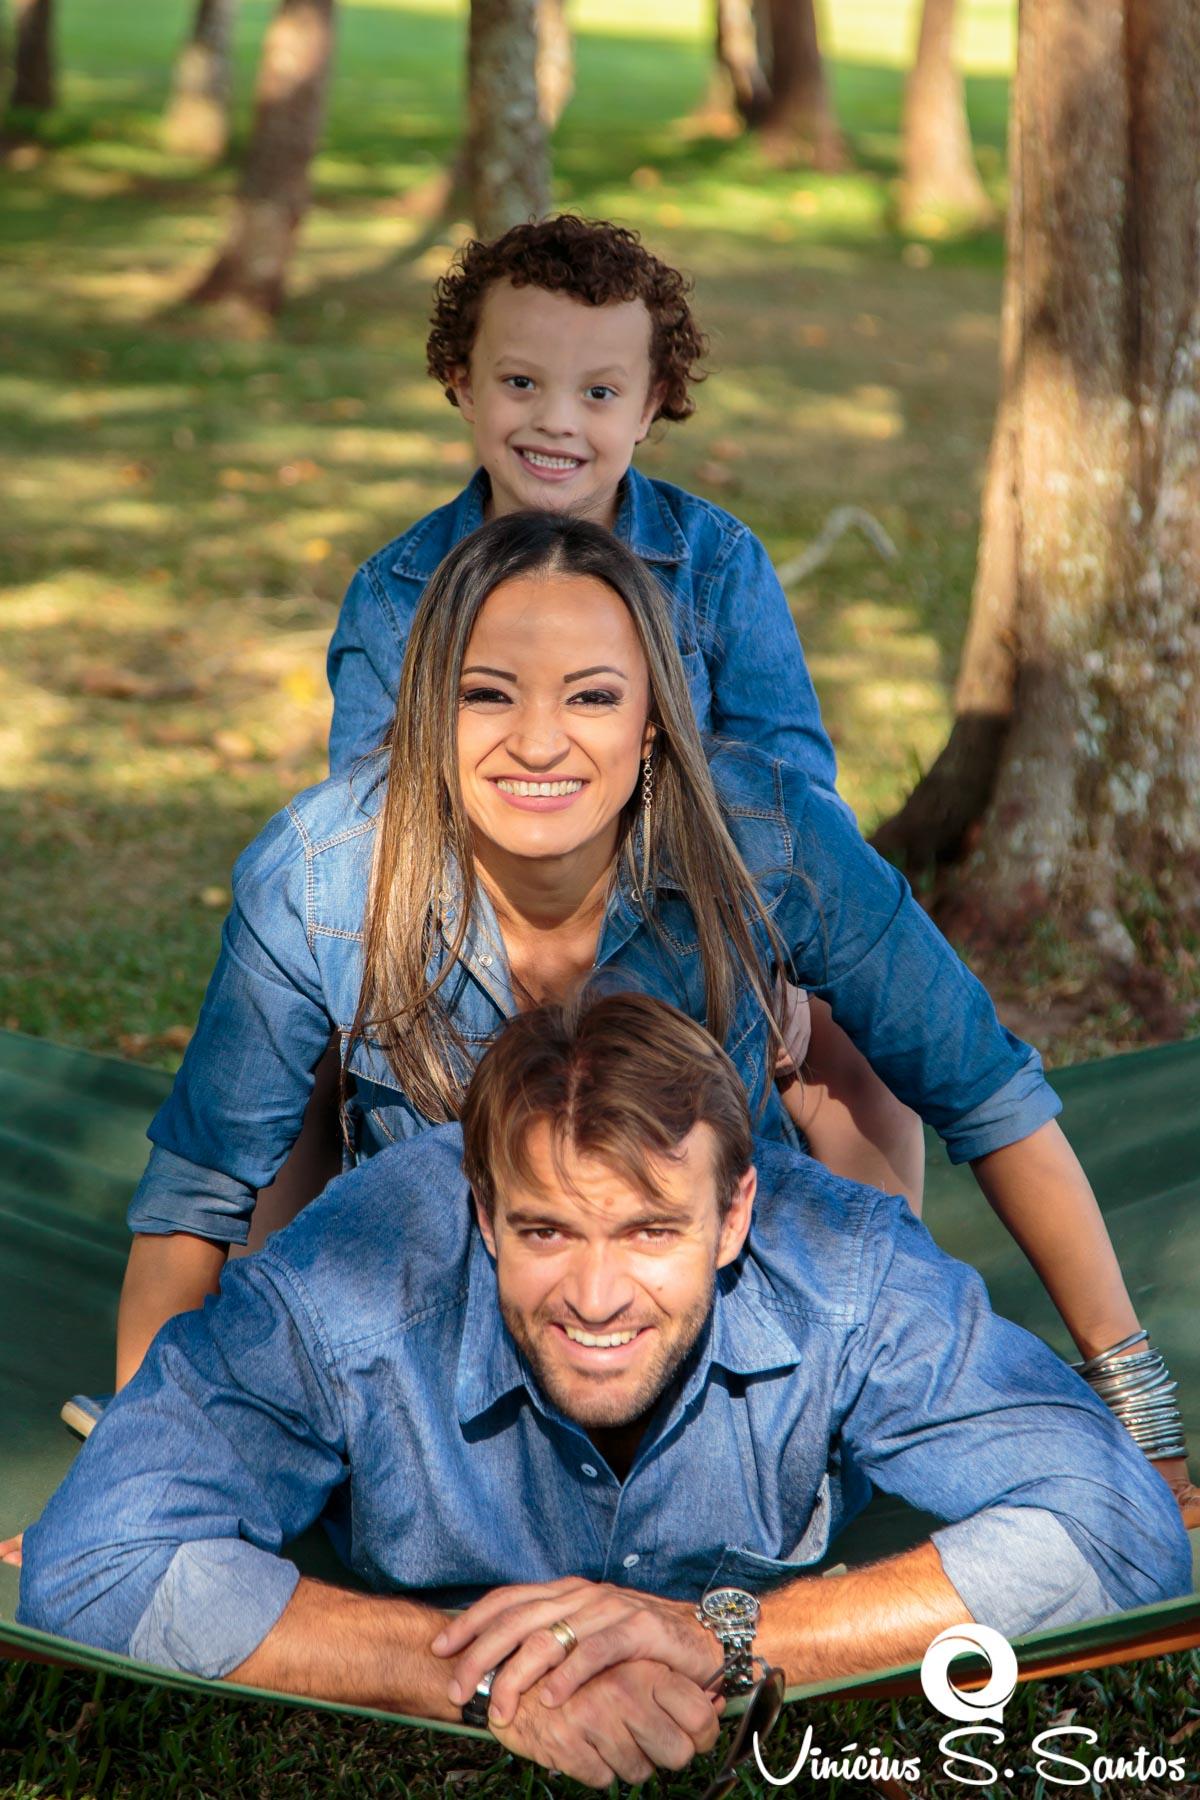 ensaio externo ensaio de familia rio verde go47630 Ensaio Familia Externo #11